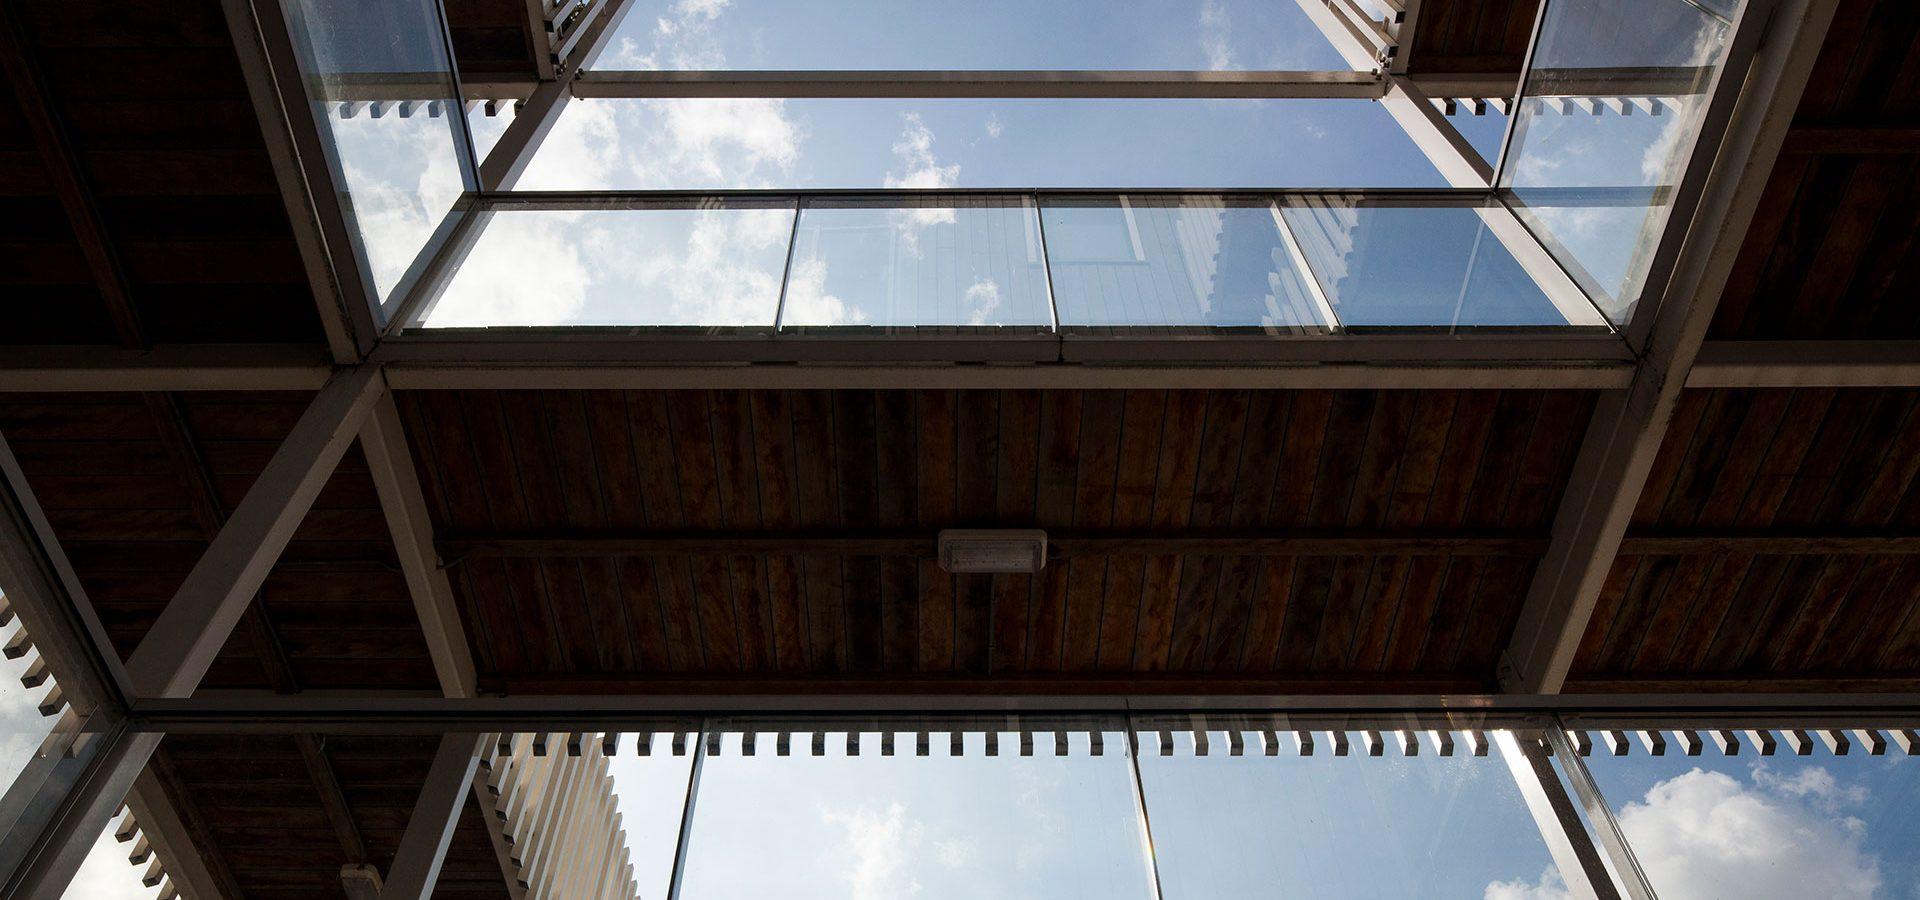 FARO architecten Harnaschpolder Delft 02